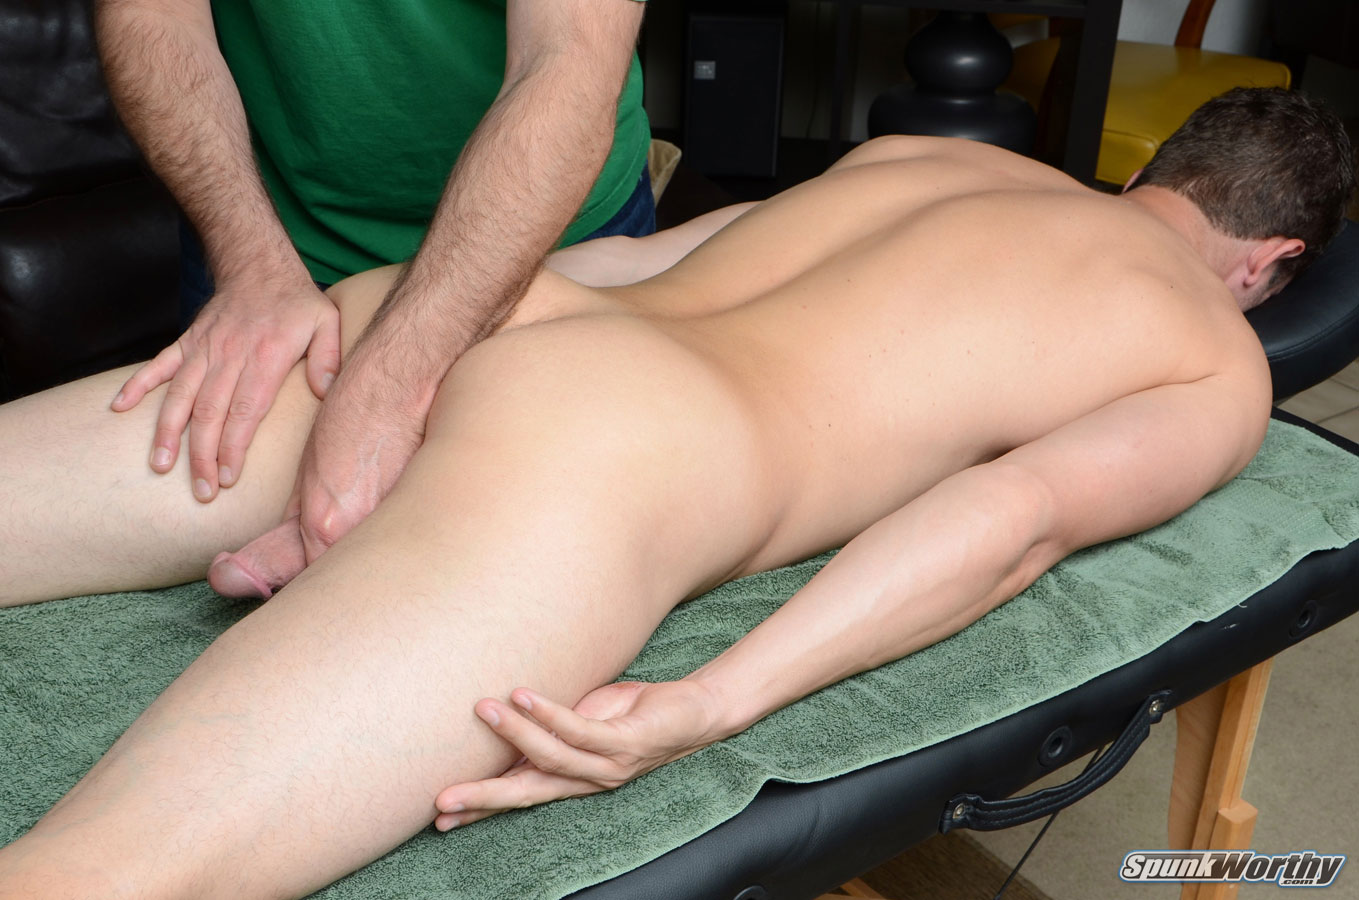 У мужика встал во время массажа порно, Массажистка сильно возбудилась во время массажа 20 фотография